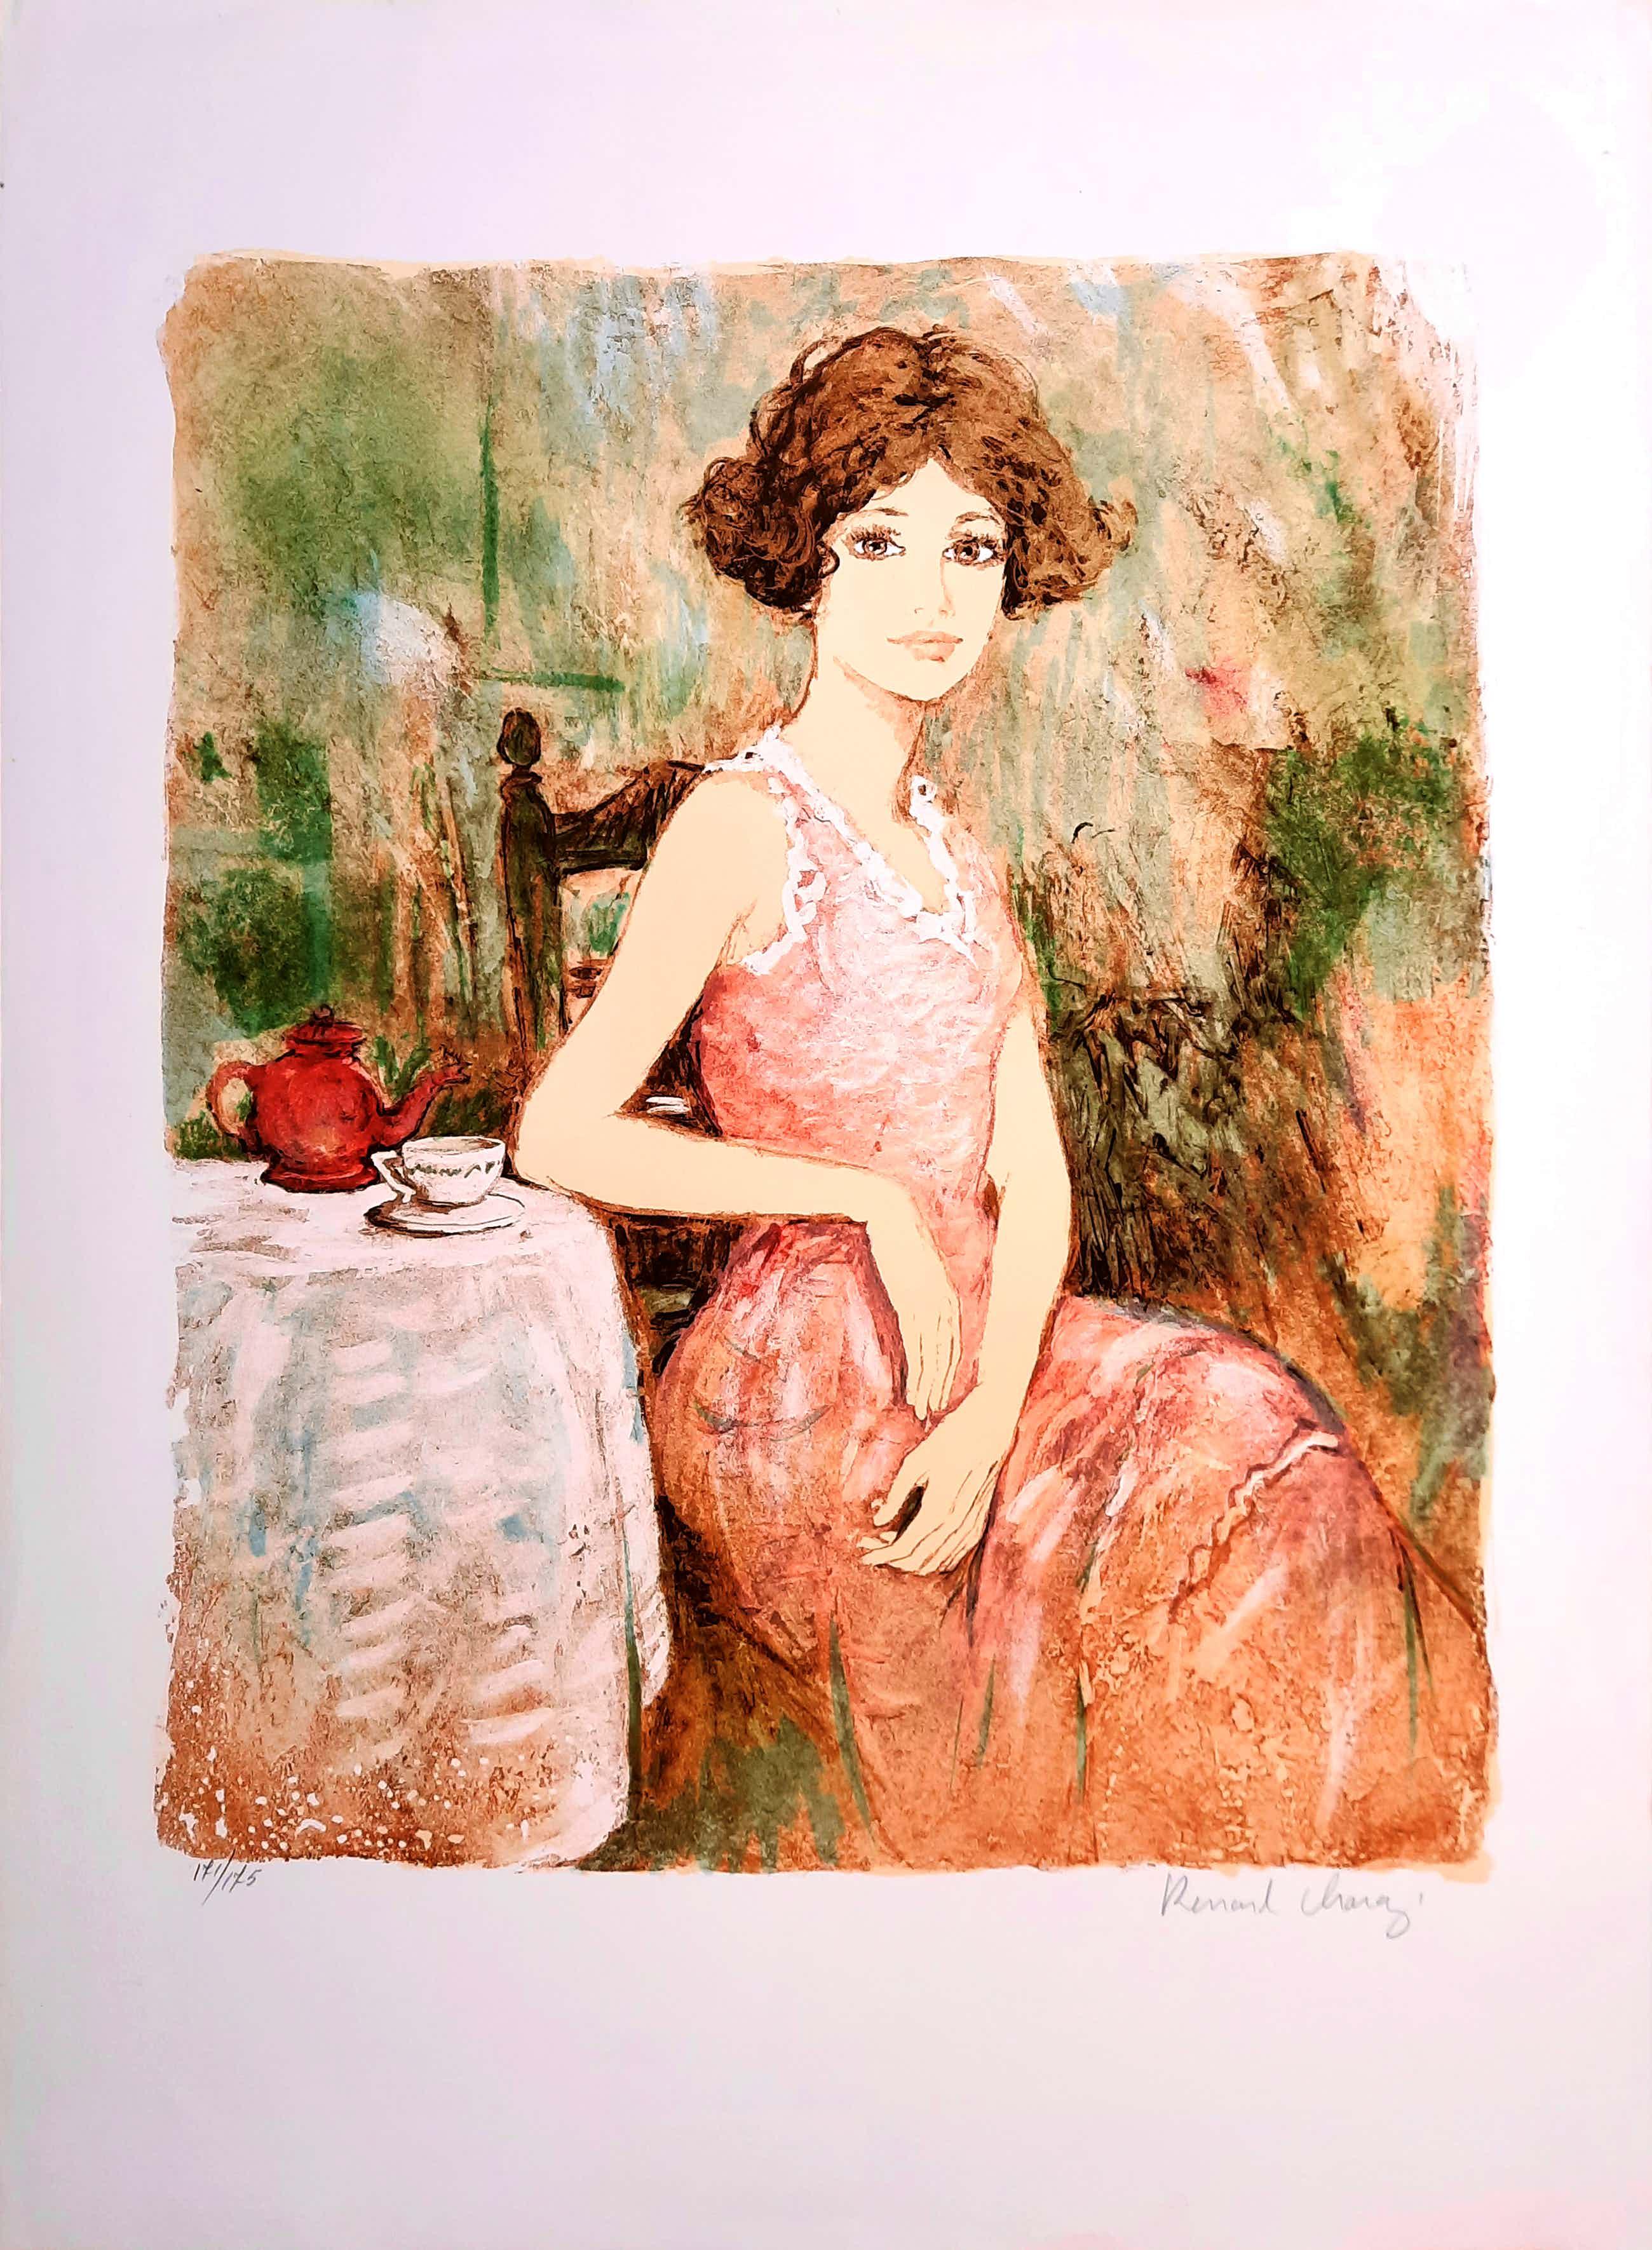 Bernard Charoy - steendruk - Chez Marie Laure uit 1956 -21985 kopen? Bied vanaf 75!